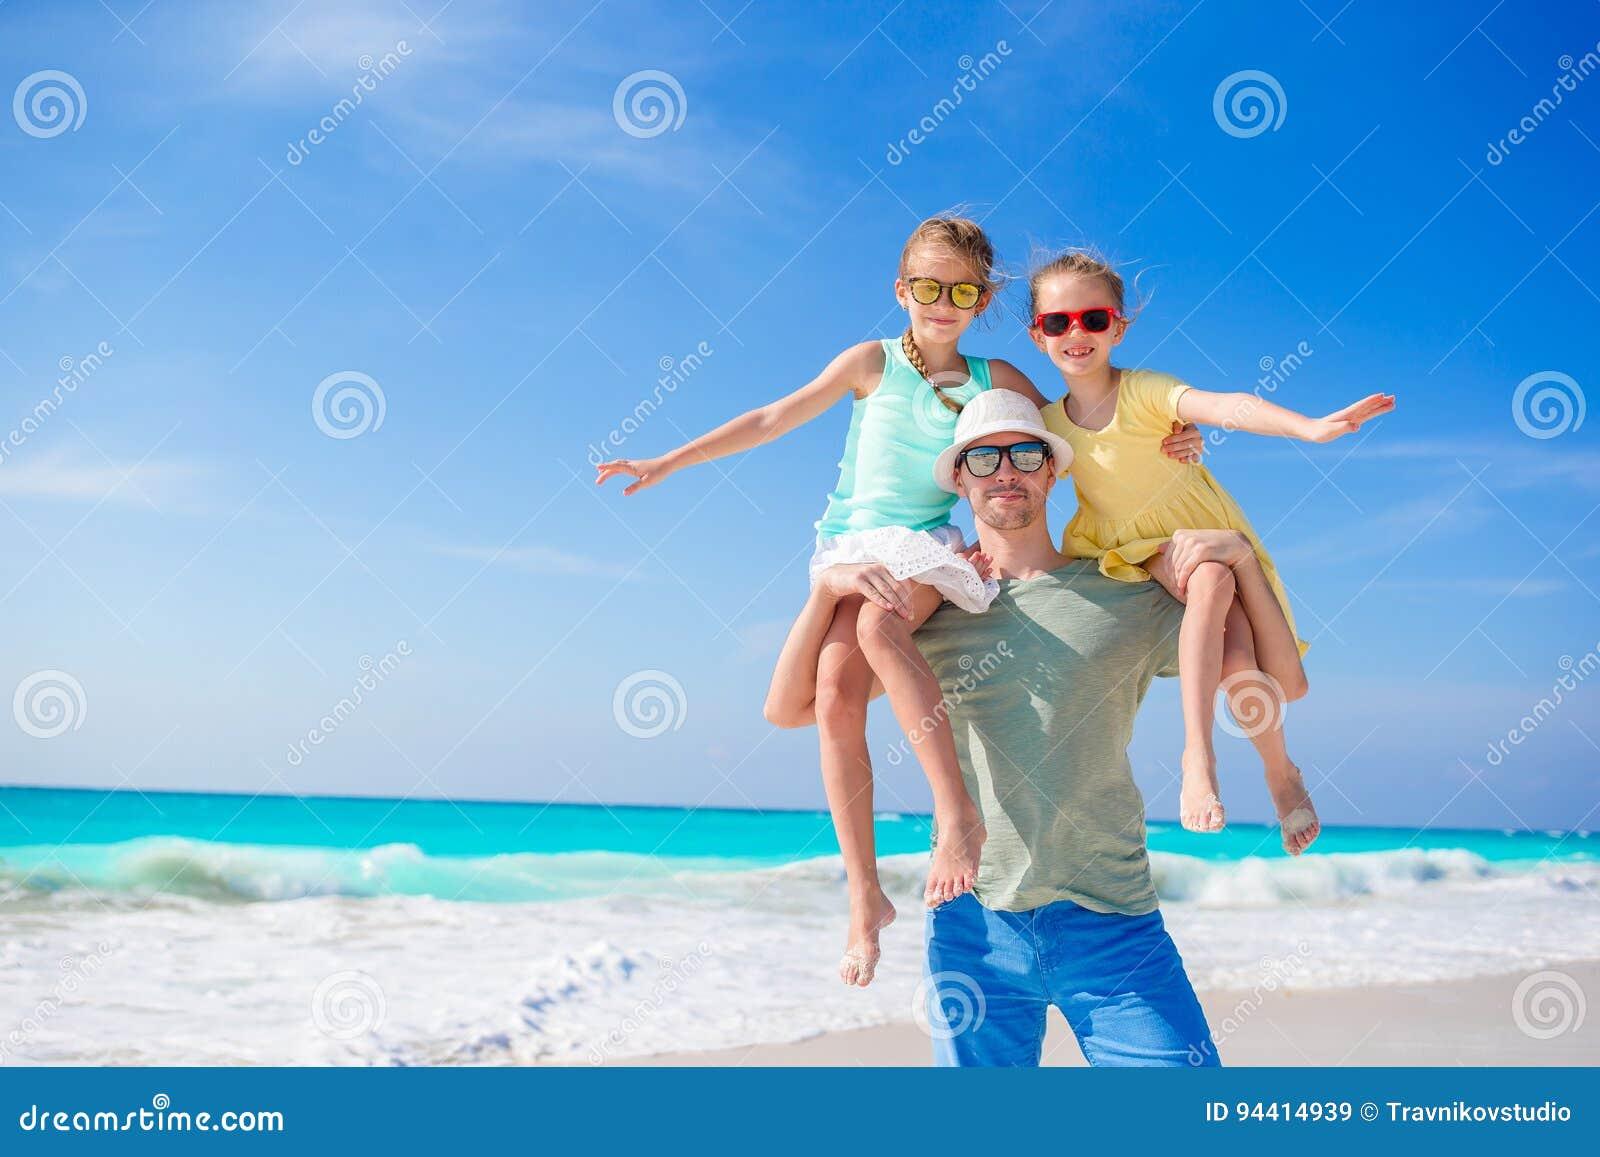 走在加勒比岛上的白色热带海滩的爸爸家庭和孩子获得很多乐趣